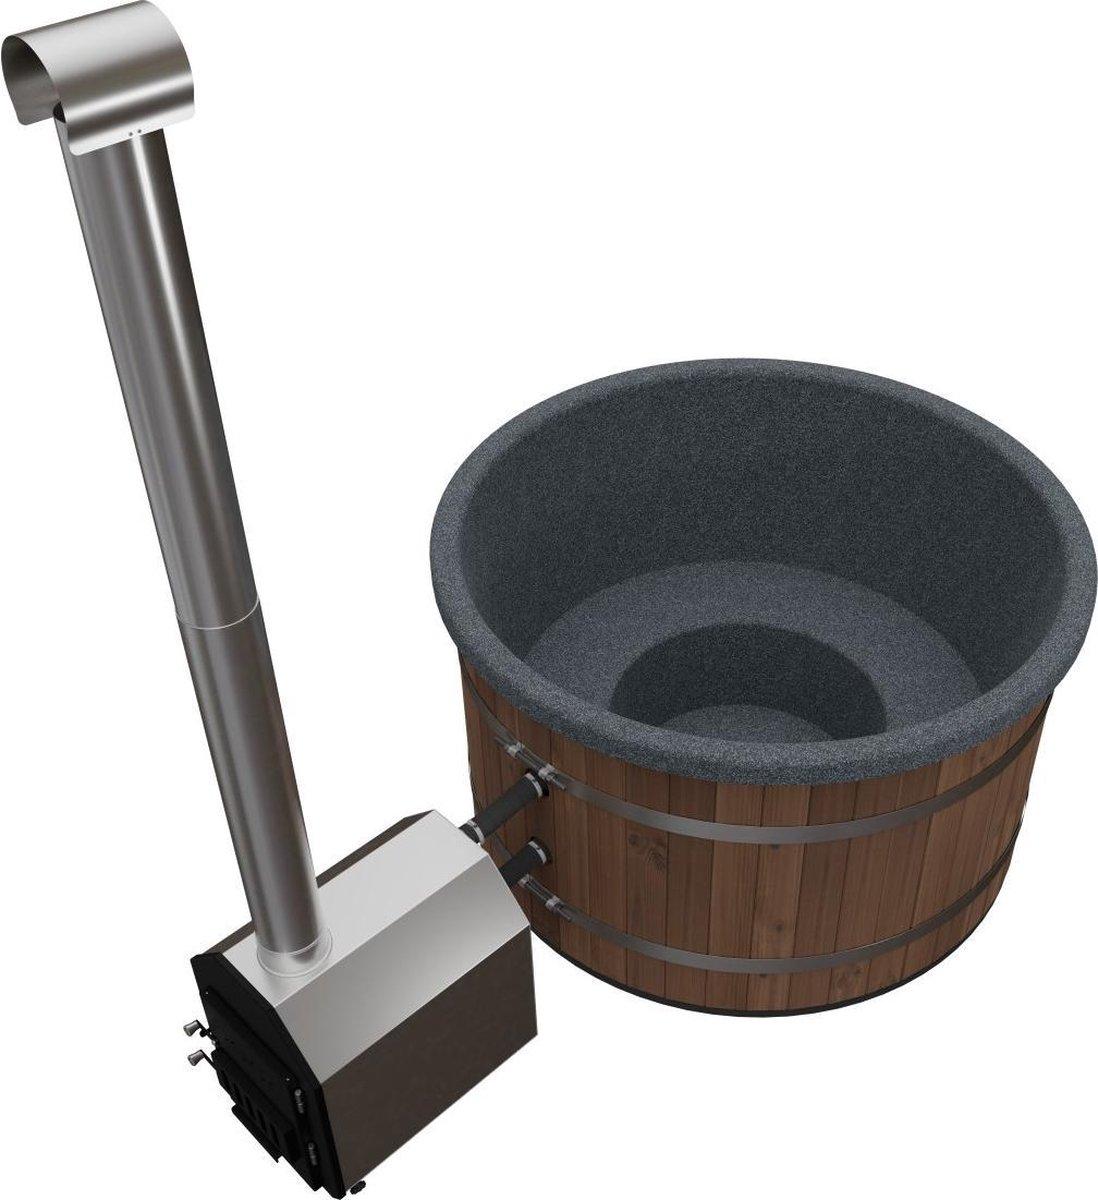 Welltub - Hottub met externe kachel - Antraciet grijs